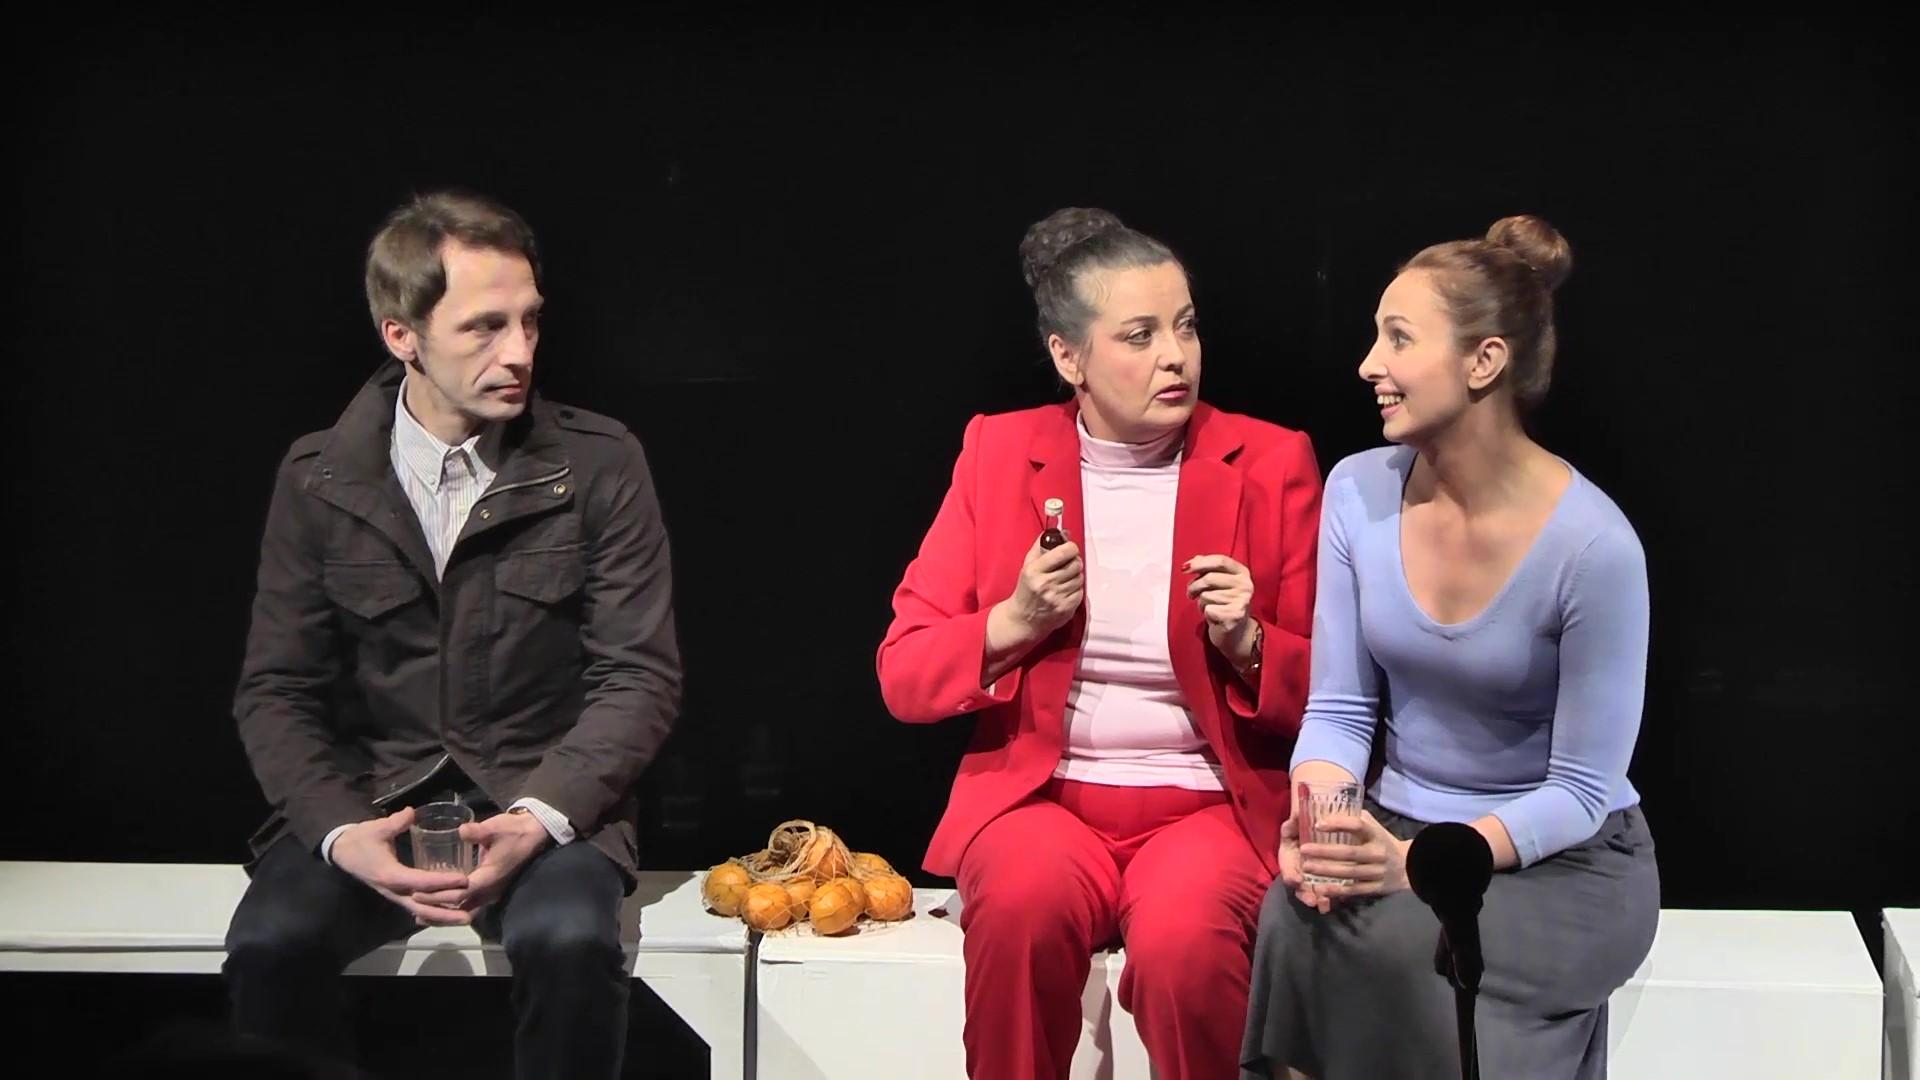 Андрей - Андрей Кондрашов, Лера - з.а.РФ Нина Бурдыгина, Екатерина - Марина Заланская